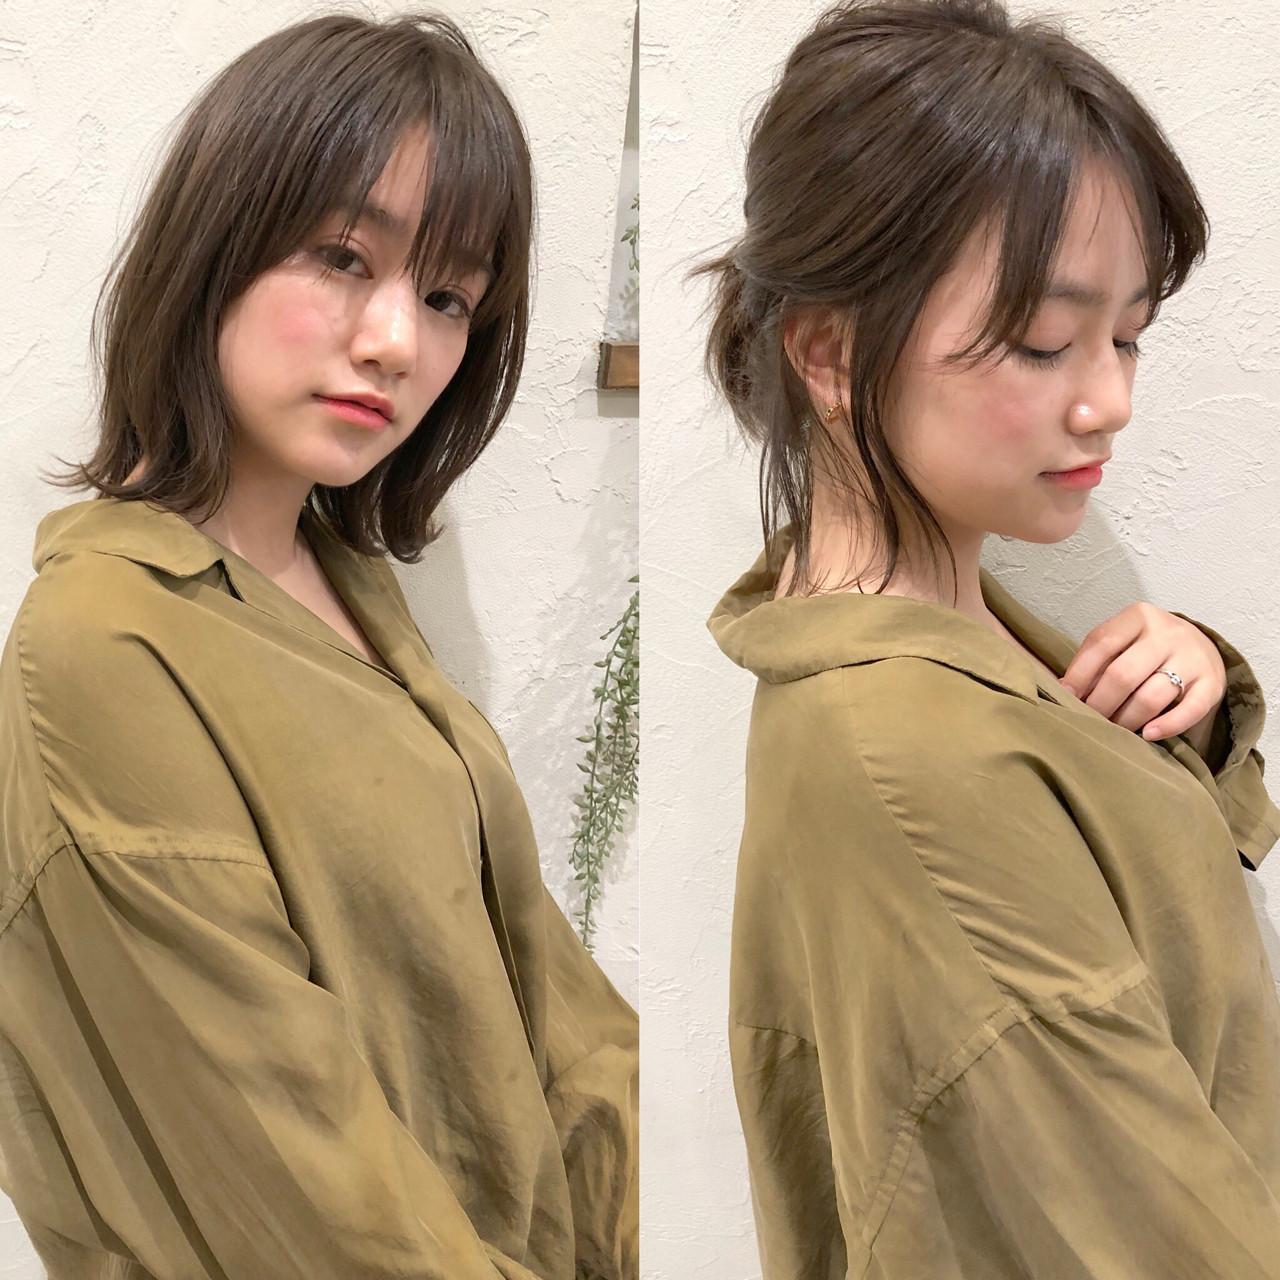 きれいめ♪後ろでまとめ髪アレンジ ナガヤ アキラ joemi 新宿